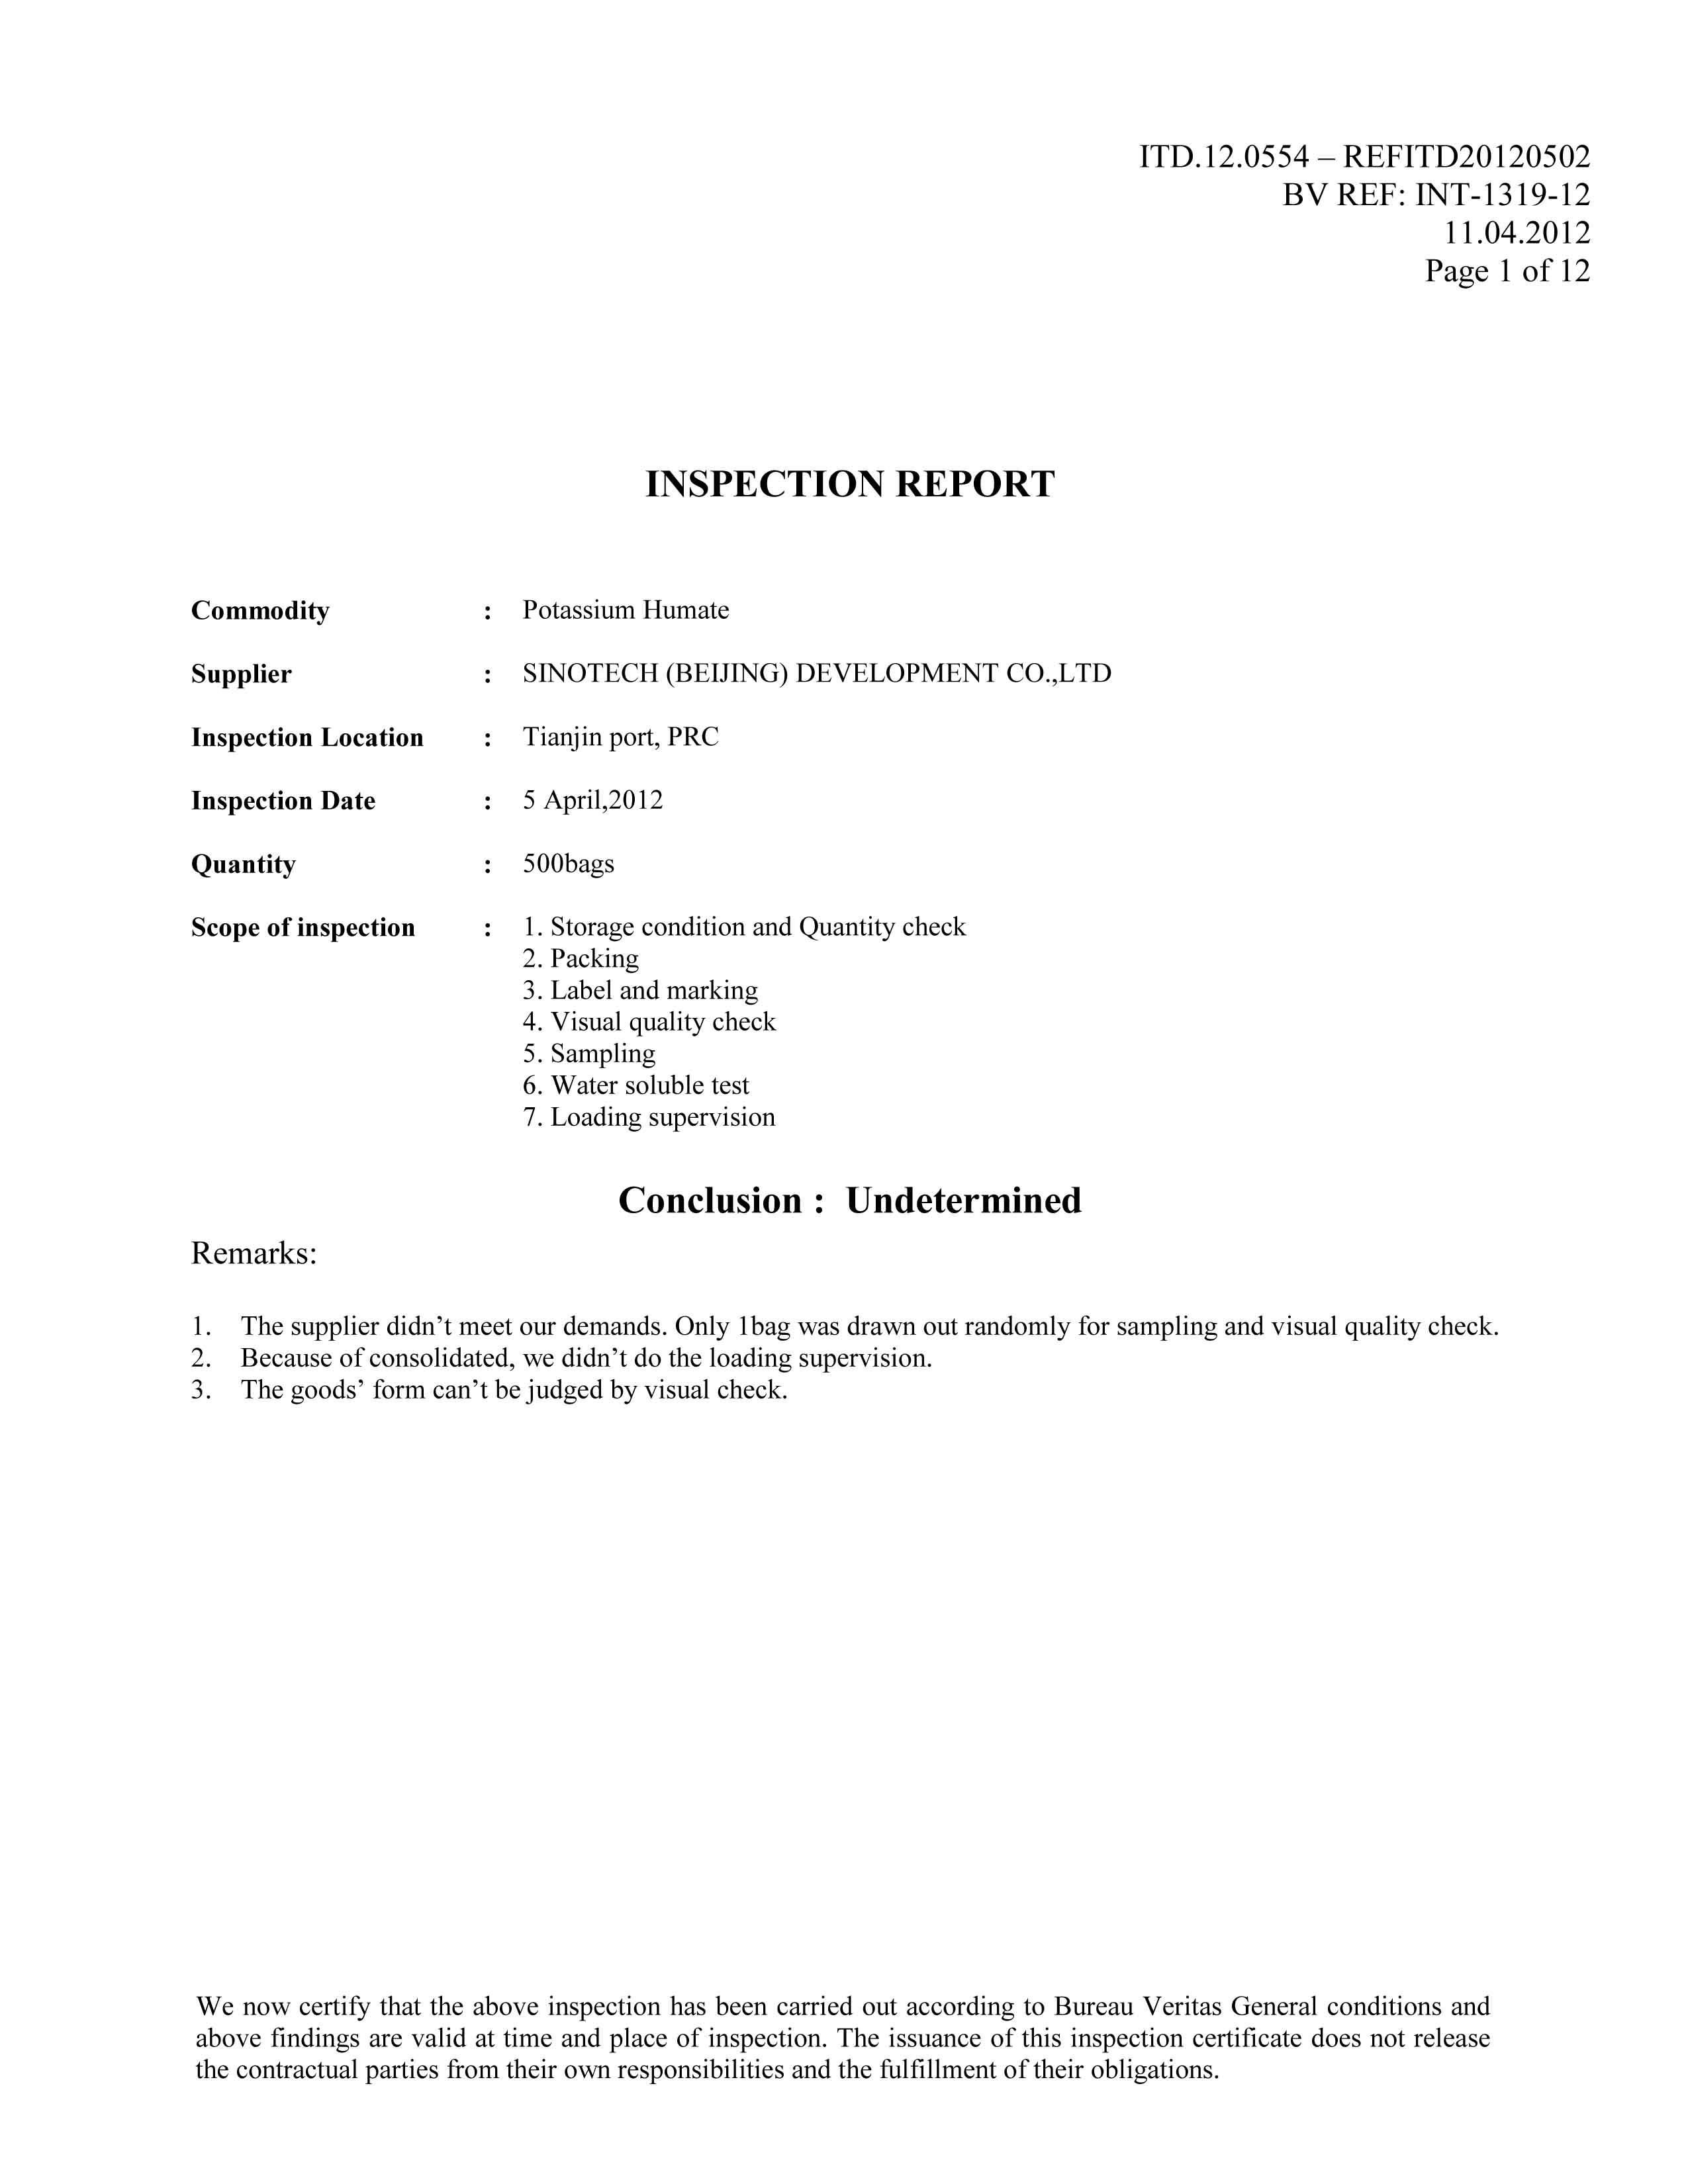 BV Potassium Humate Report